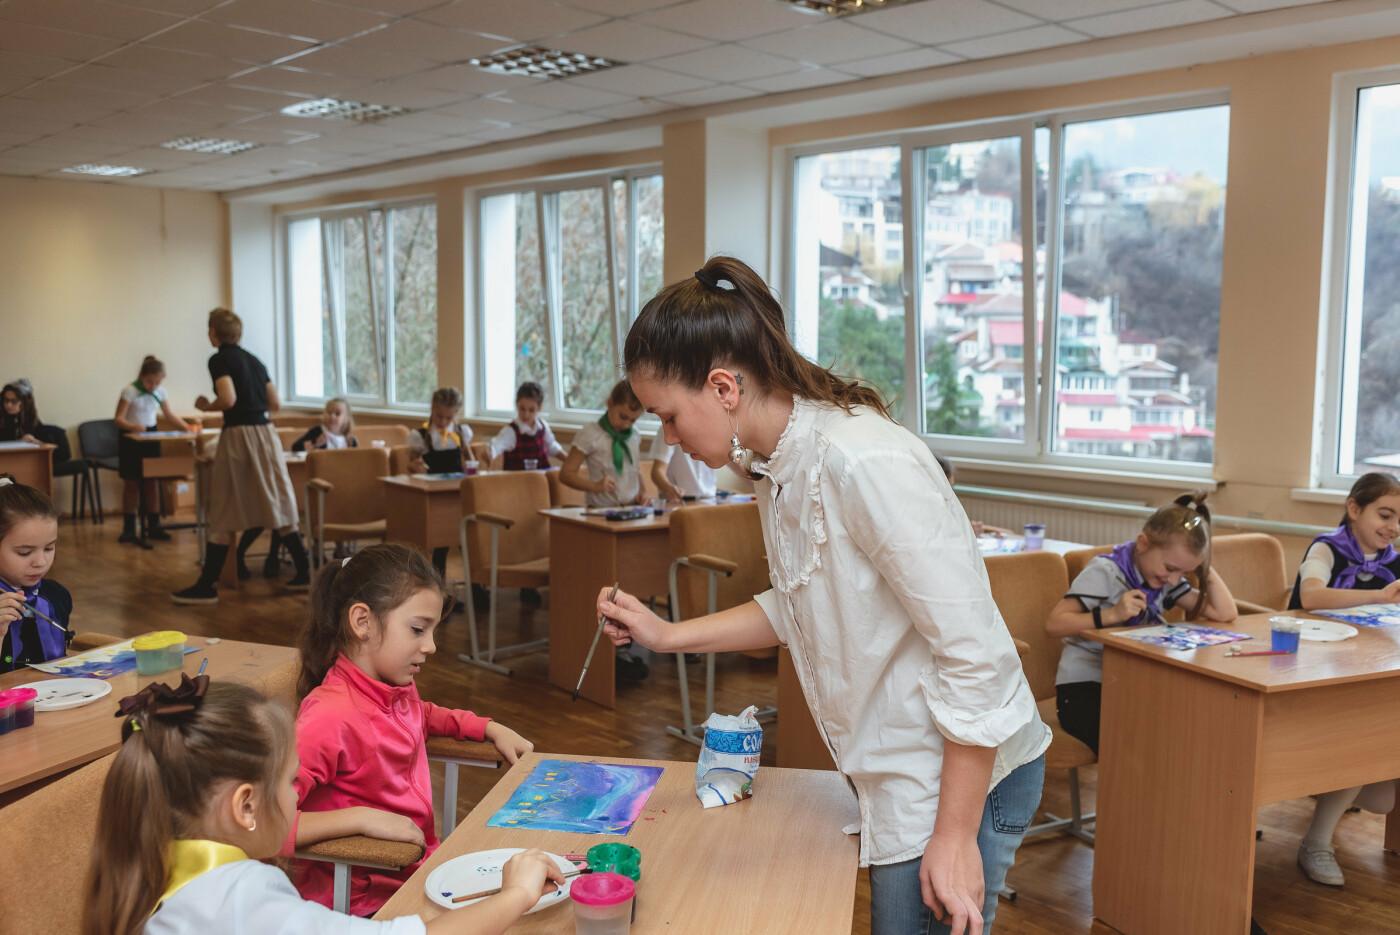 В Ялтинской школе № 1 для школьников провели художественный мастер-класс, фото-1